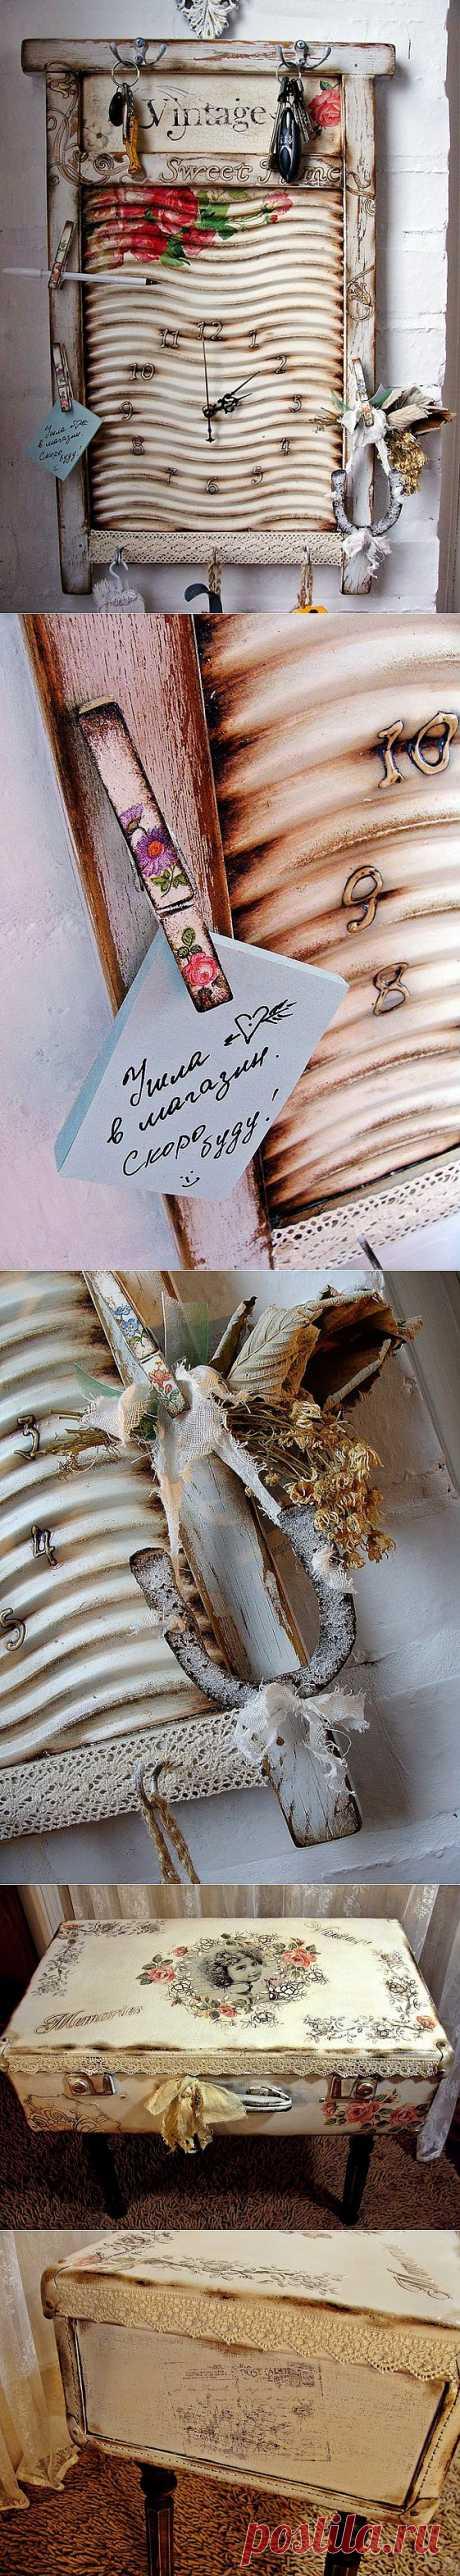 """Винтажный декупаж и декор от Ирины, блог """"Птичка певчая""""."""